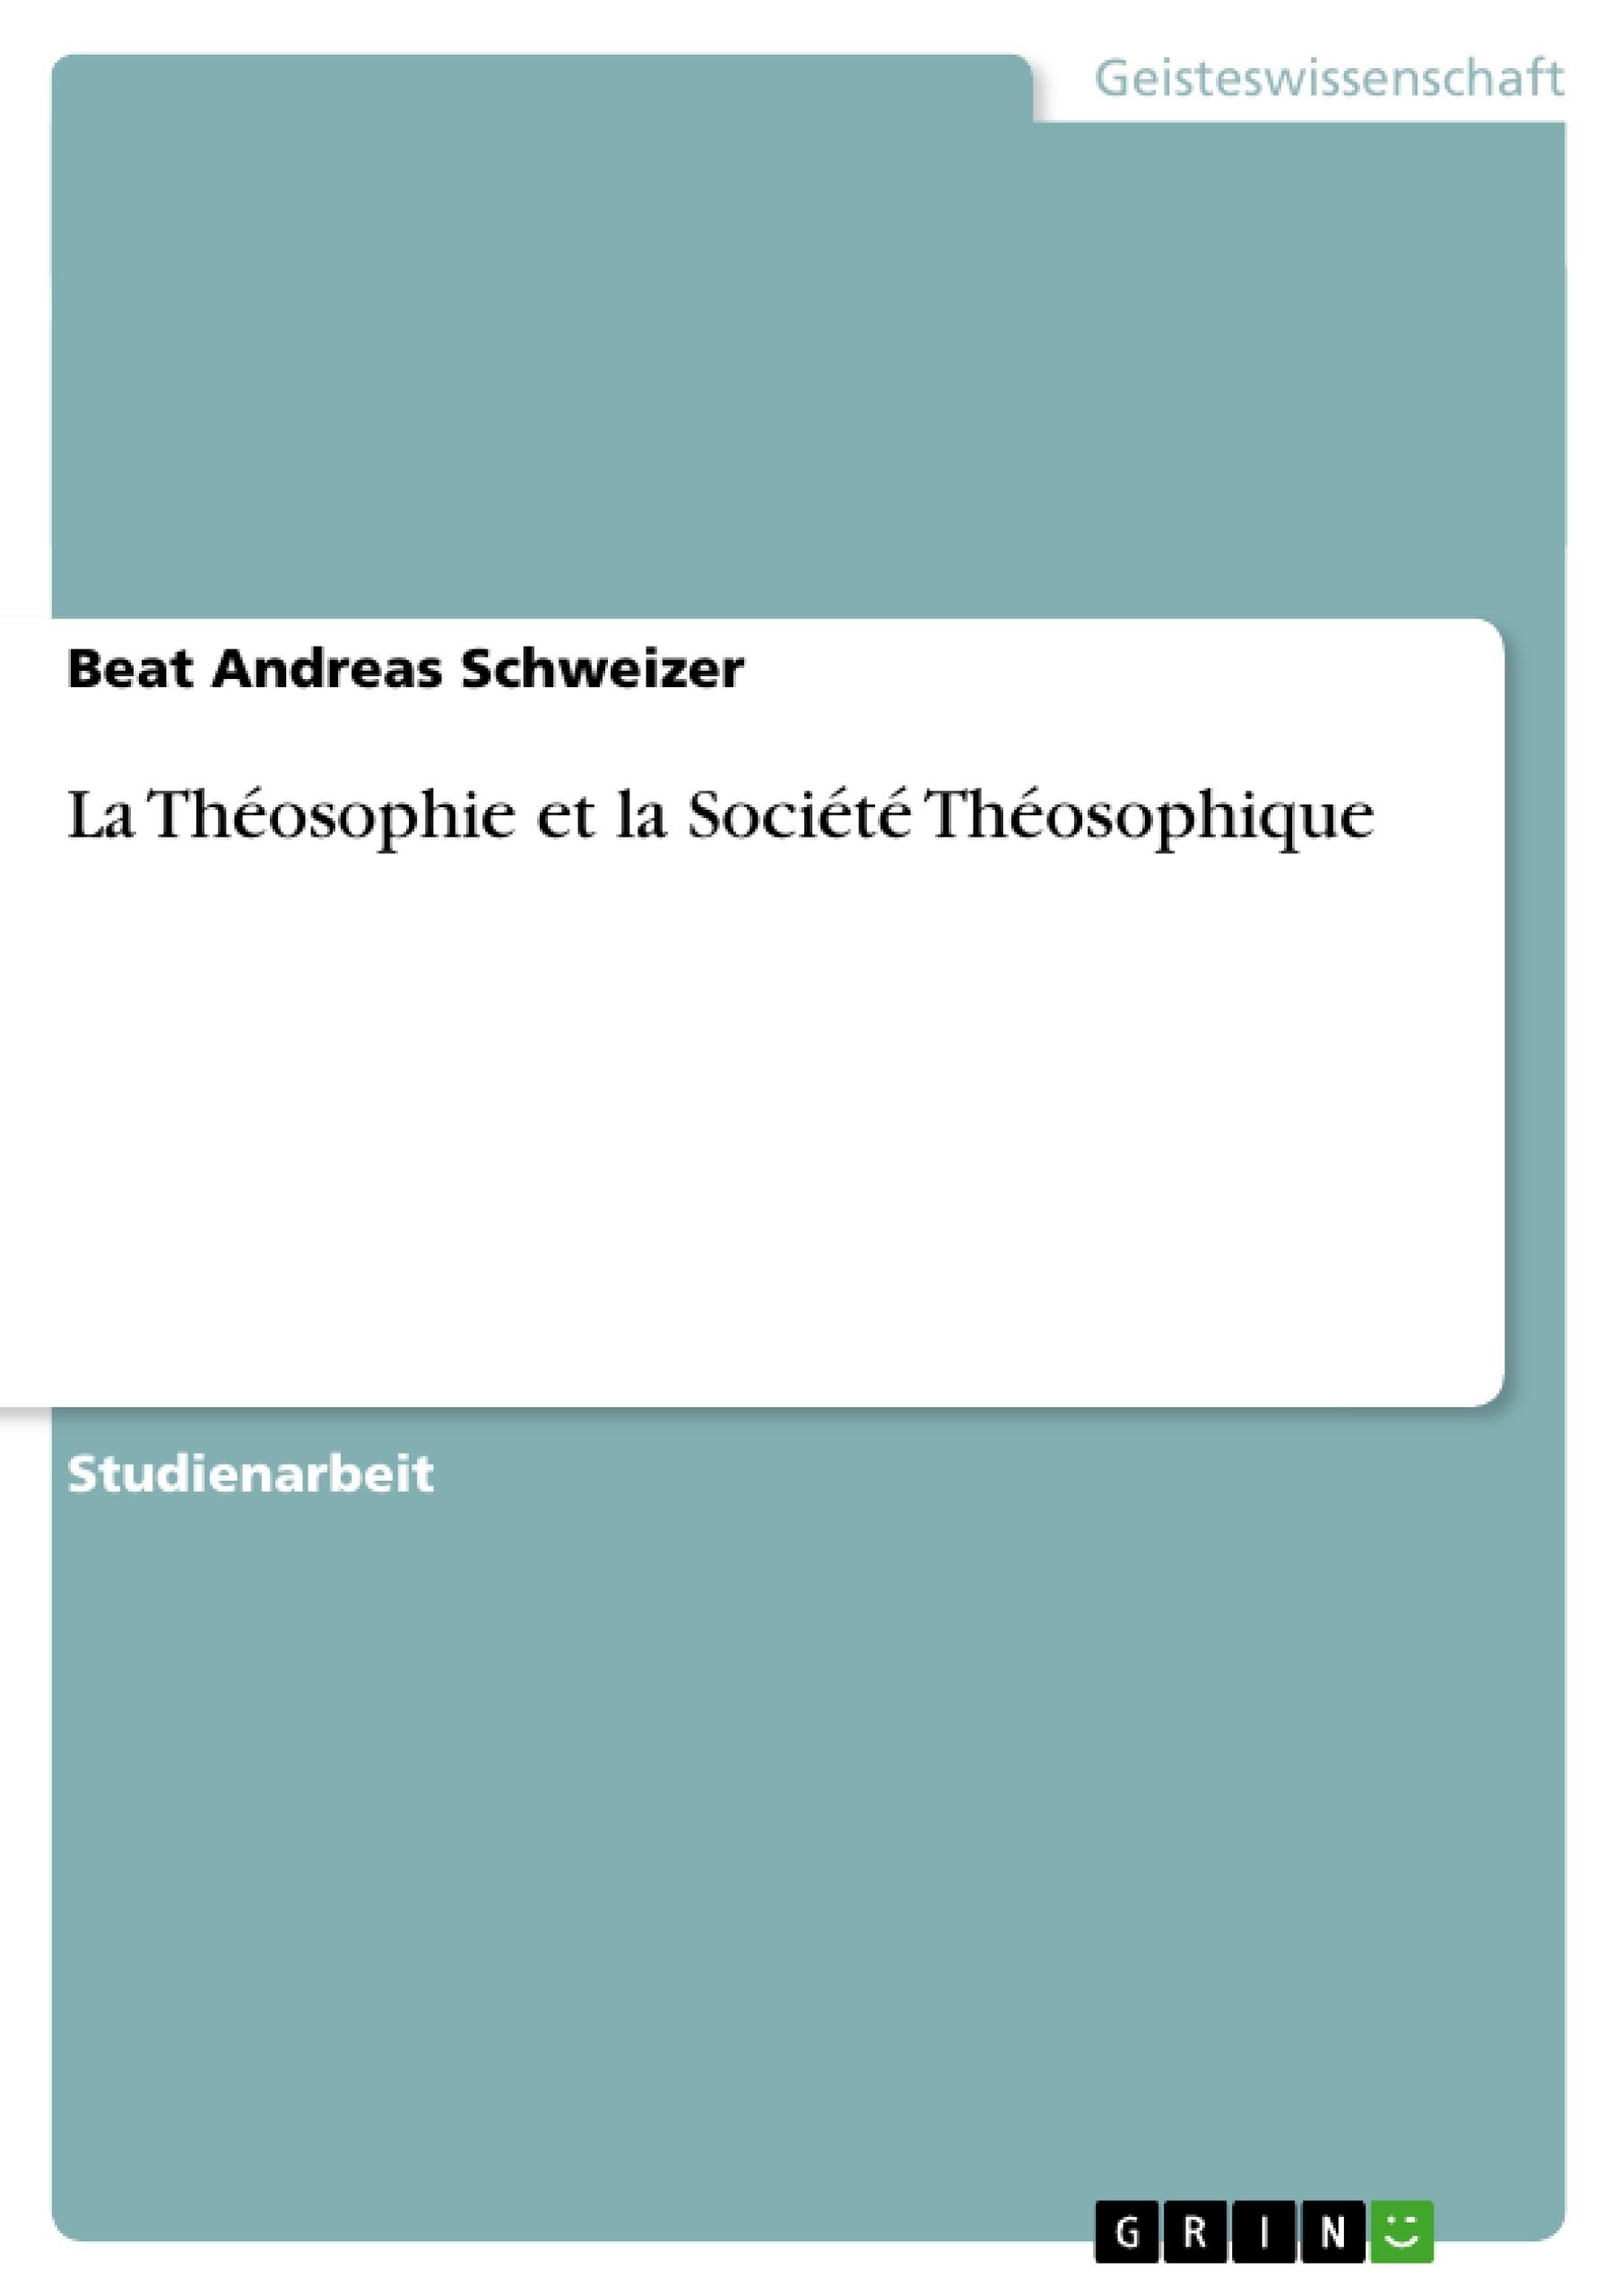 Titel: La Théosophie et la Société Théosophique